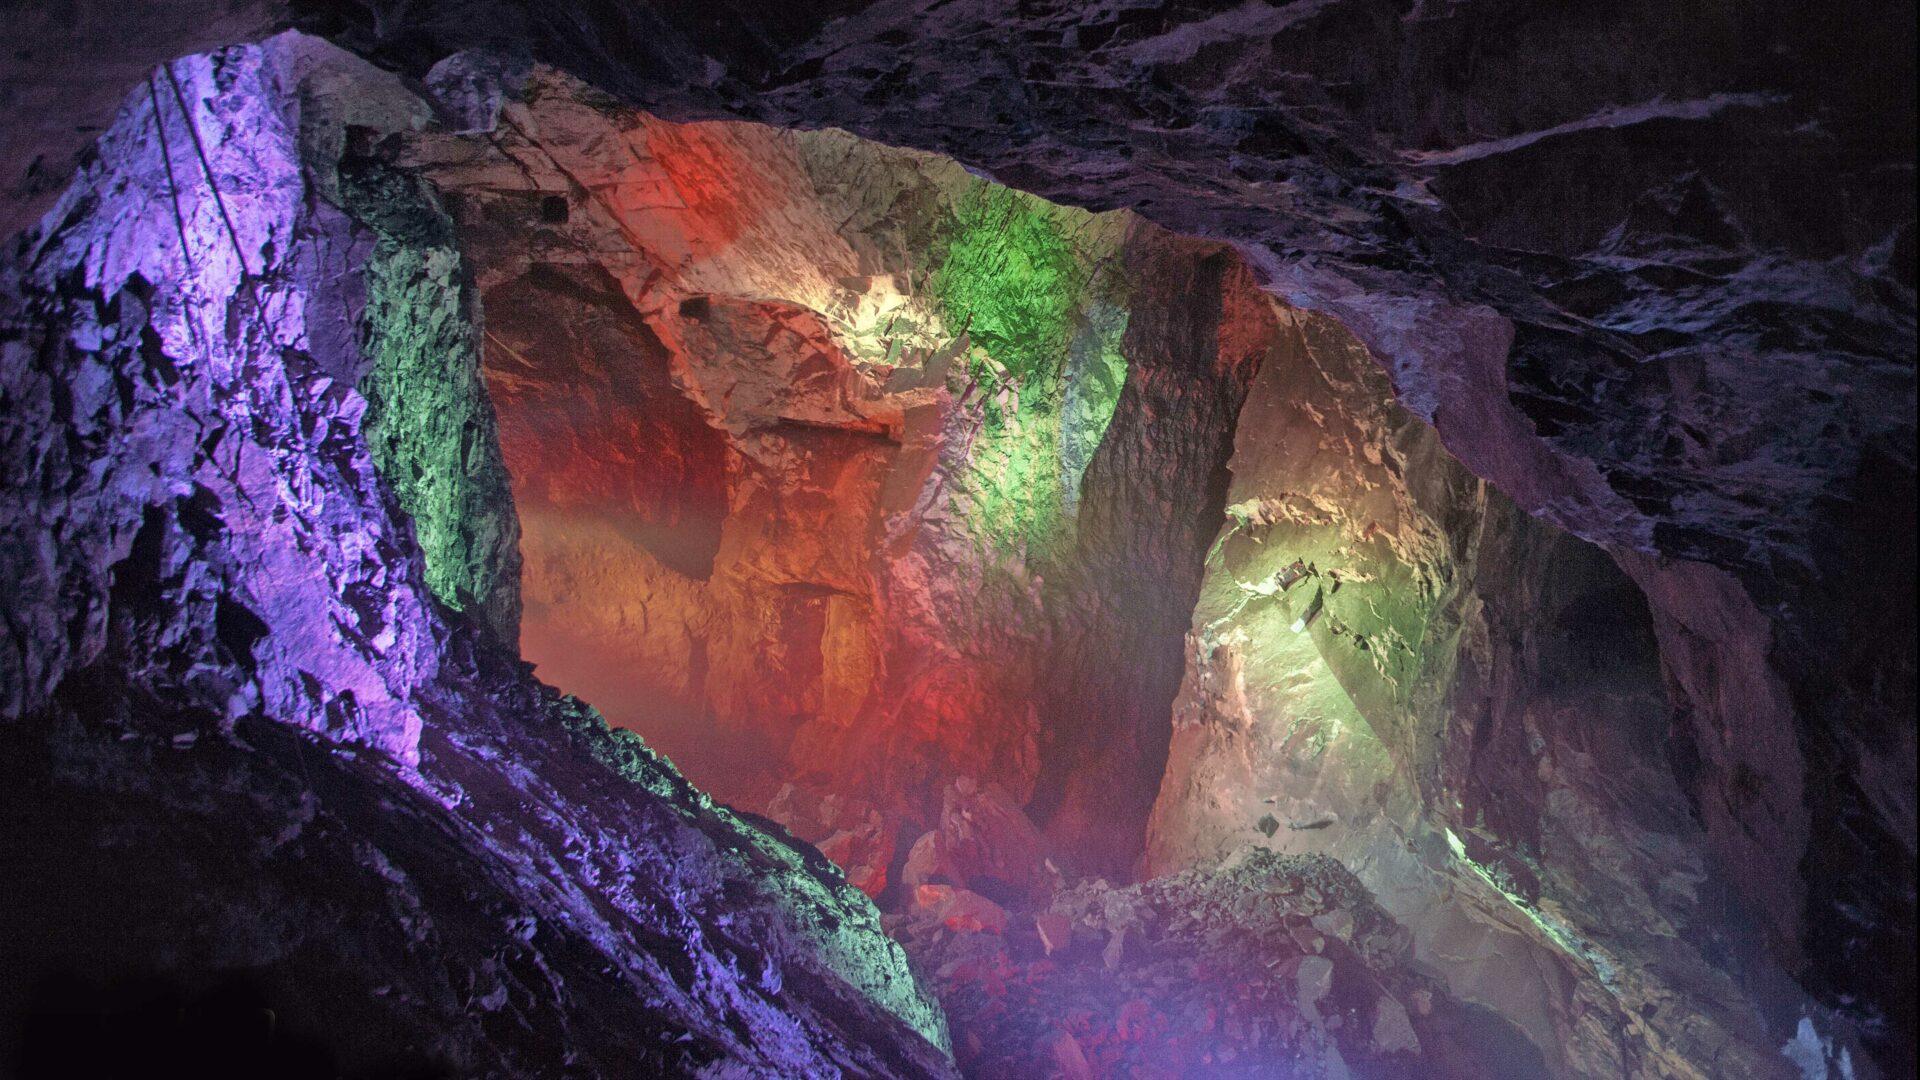 Kierros Tytyrin elämyskaivoksessa Lohjalla päättyy valoteokseen sadan metrin syvyydessä.